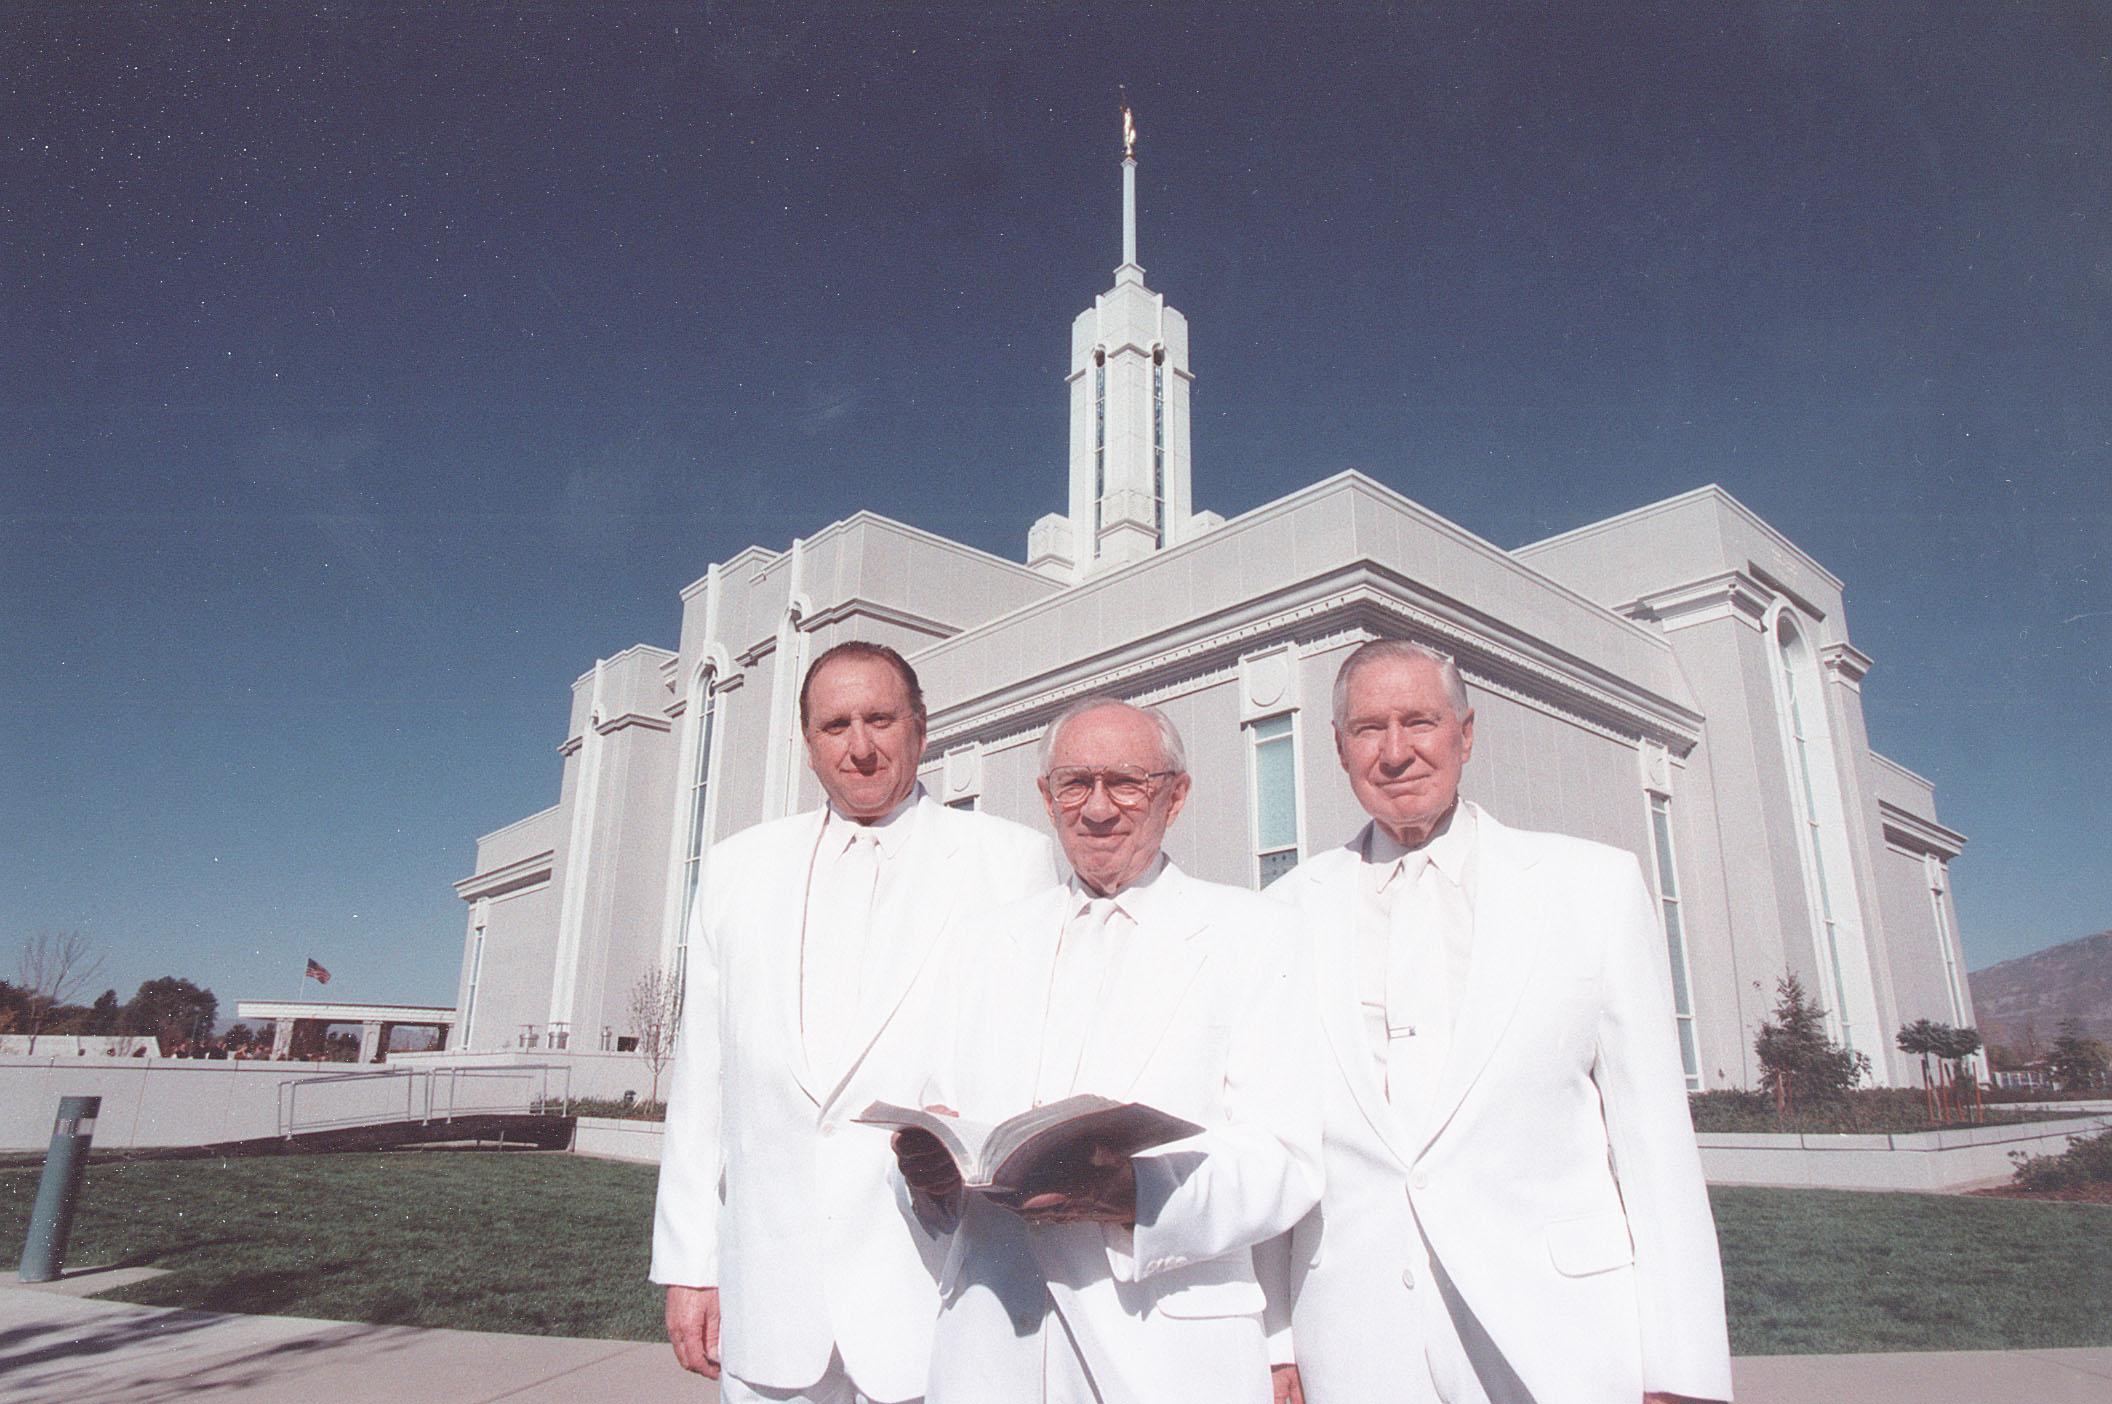 (From left) President Thomas S. Monson, 1st counselor in the First Presidency, President Gordon B. Hinckley, and President James E. Faust, 2nd counselor in the First Presidency, stand in front of the Mt. Timpanogas Utah Temple circa 1997.